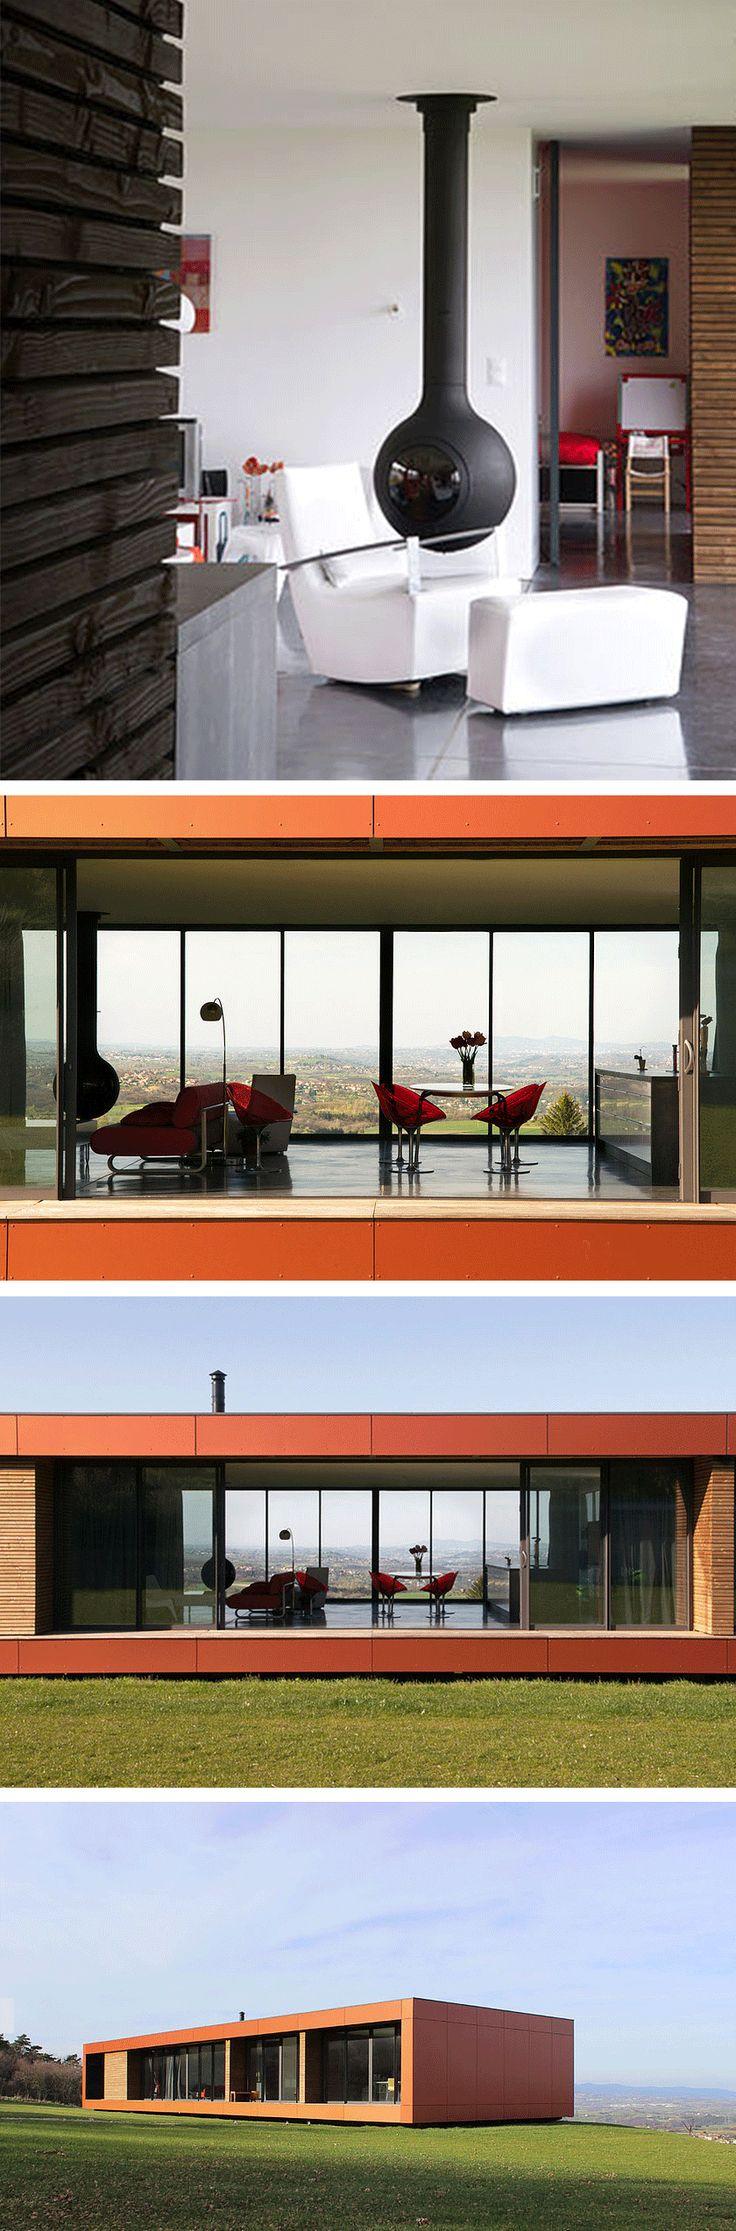 Maison contemporaine avec un bathyscafocus hublot by focus creation architecture design cheminee